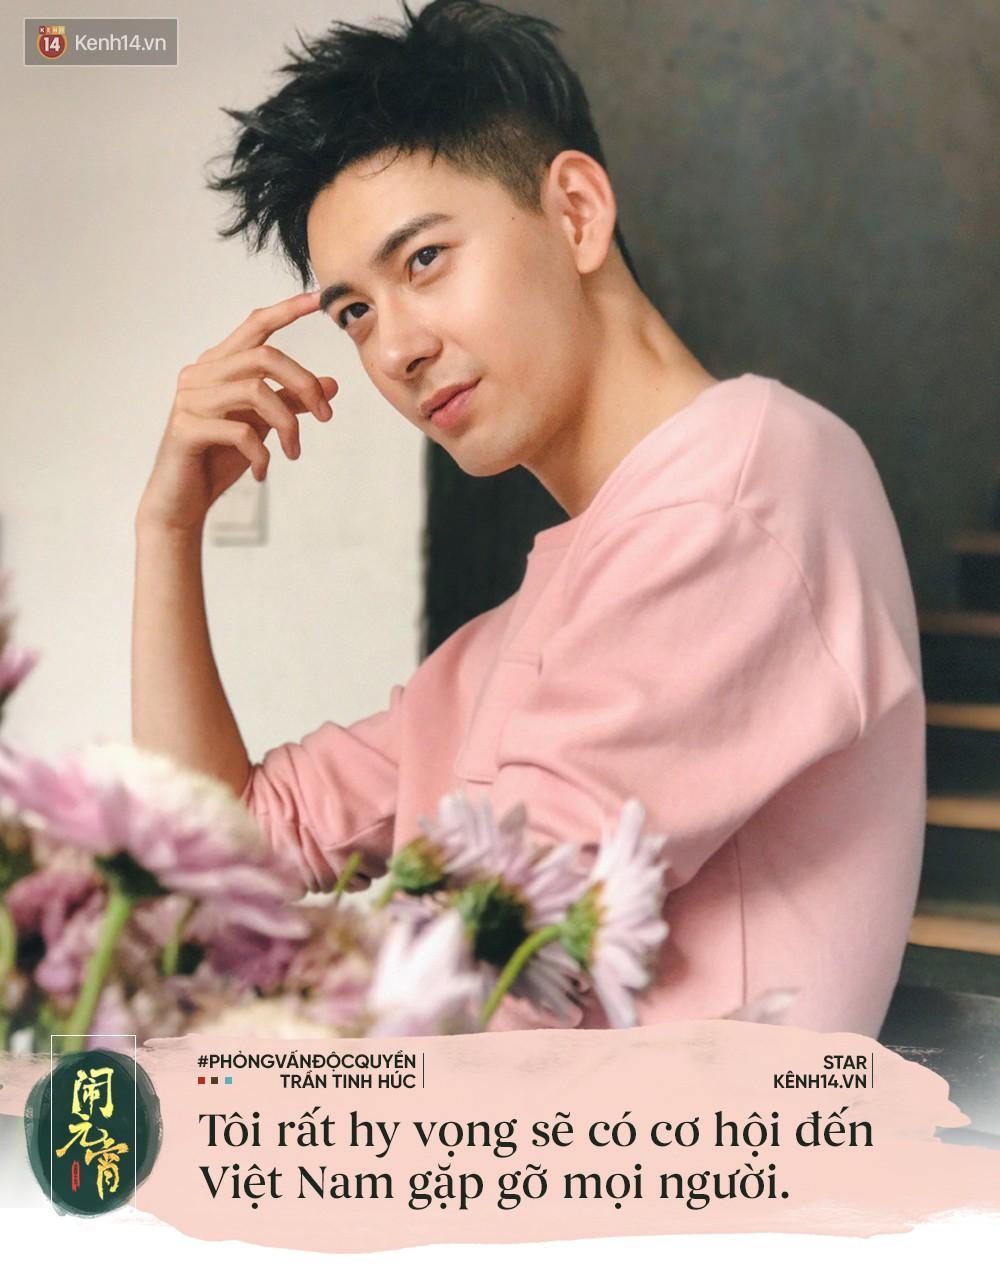 Phỏng vấn độc quyền nam chính Đông Cung: Hé lộ cảm xúc khi cặp với mỹ nhân hơn 6 tuổi, gửi lời đặc biệt tới fan Việt - Ảnh 7.